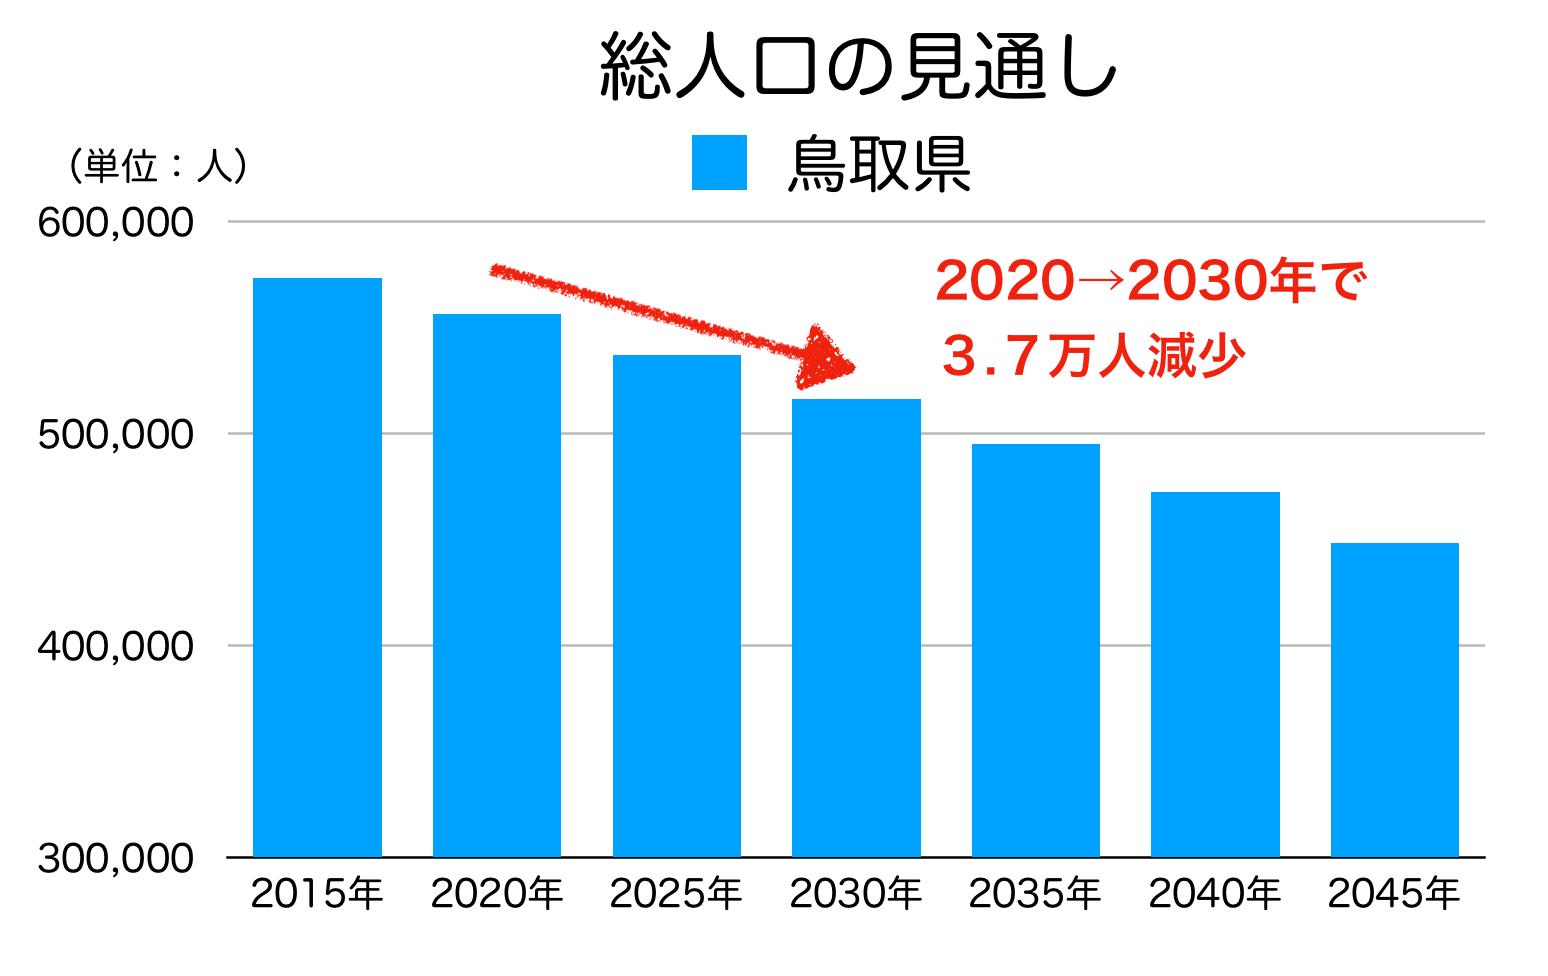 鳥取県の総人口の見通し